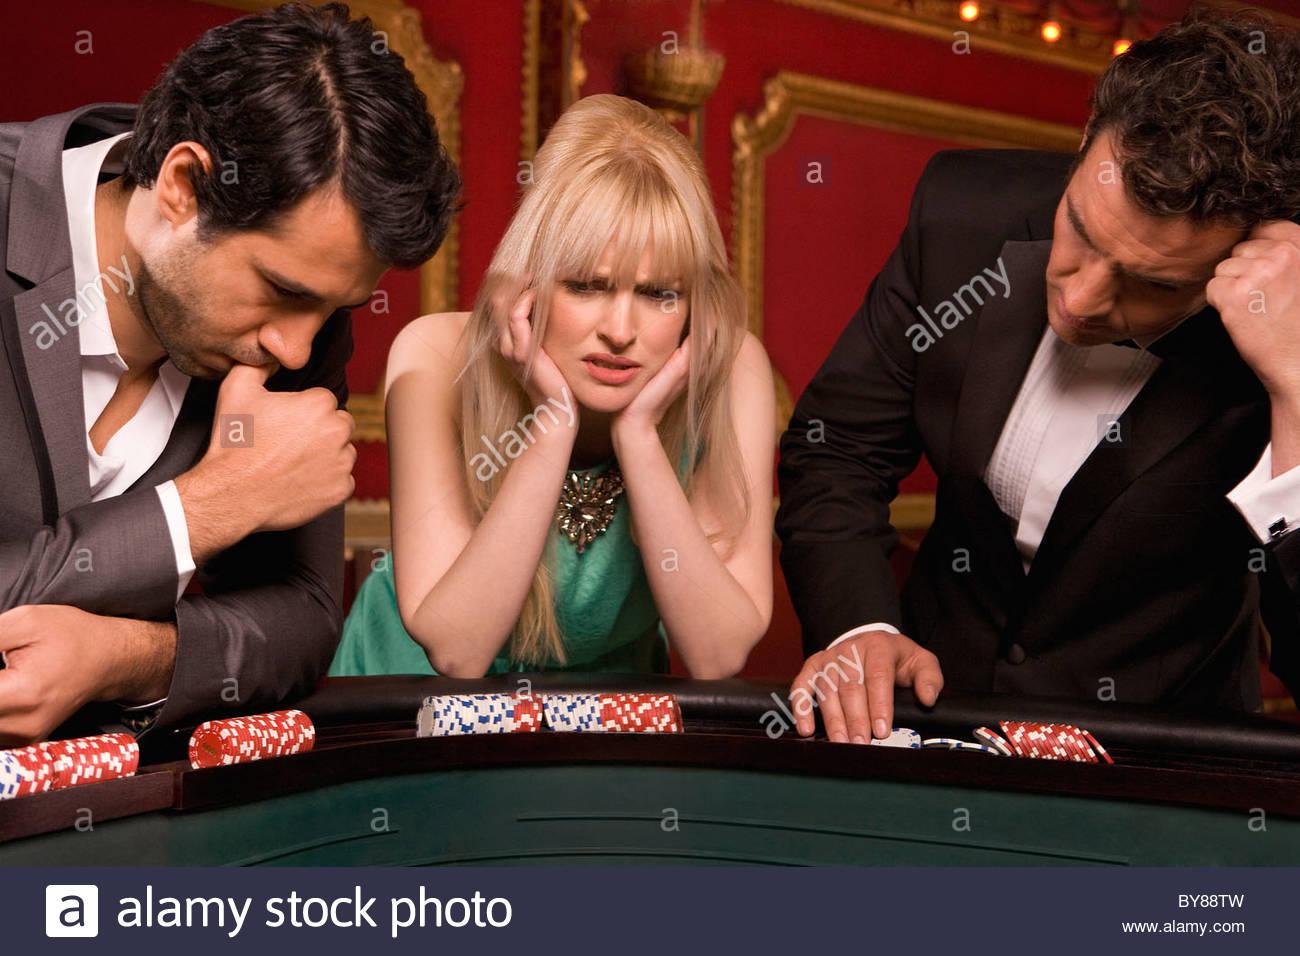 Casino dominica